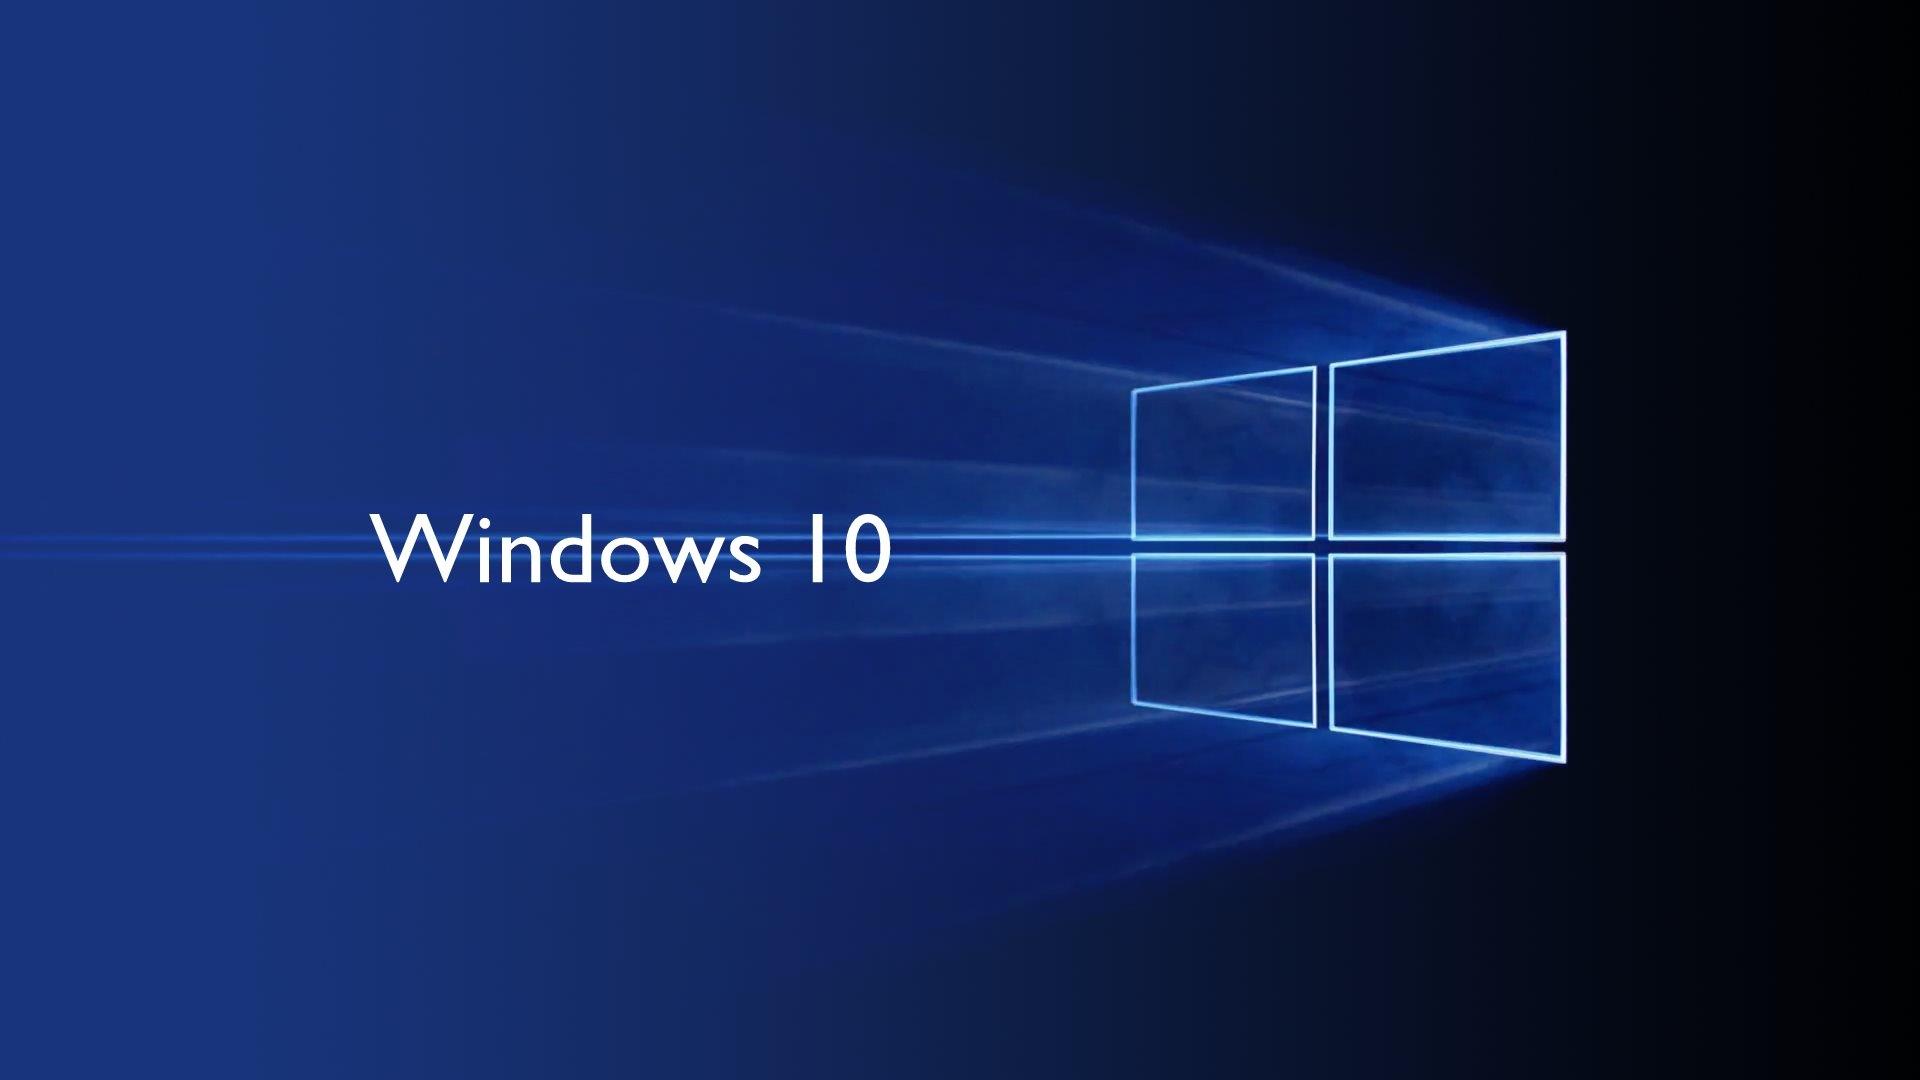 Win10新预览版推送出现失误:尚未内测的Buid 18947意外抵达所有用户